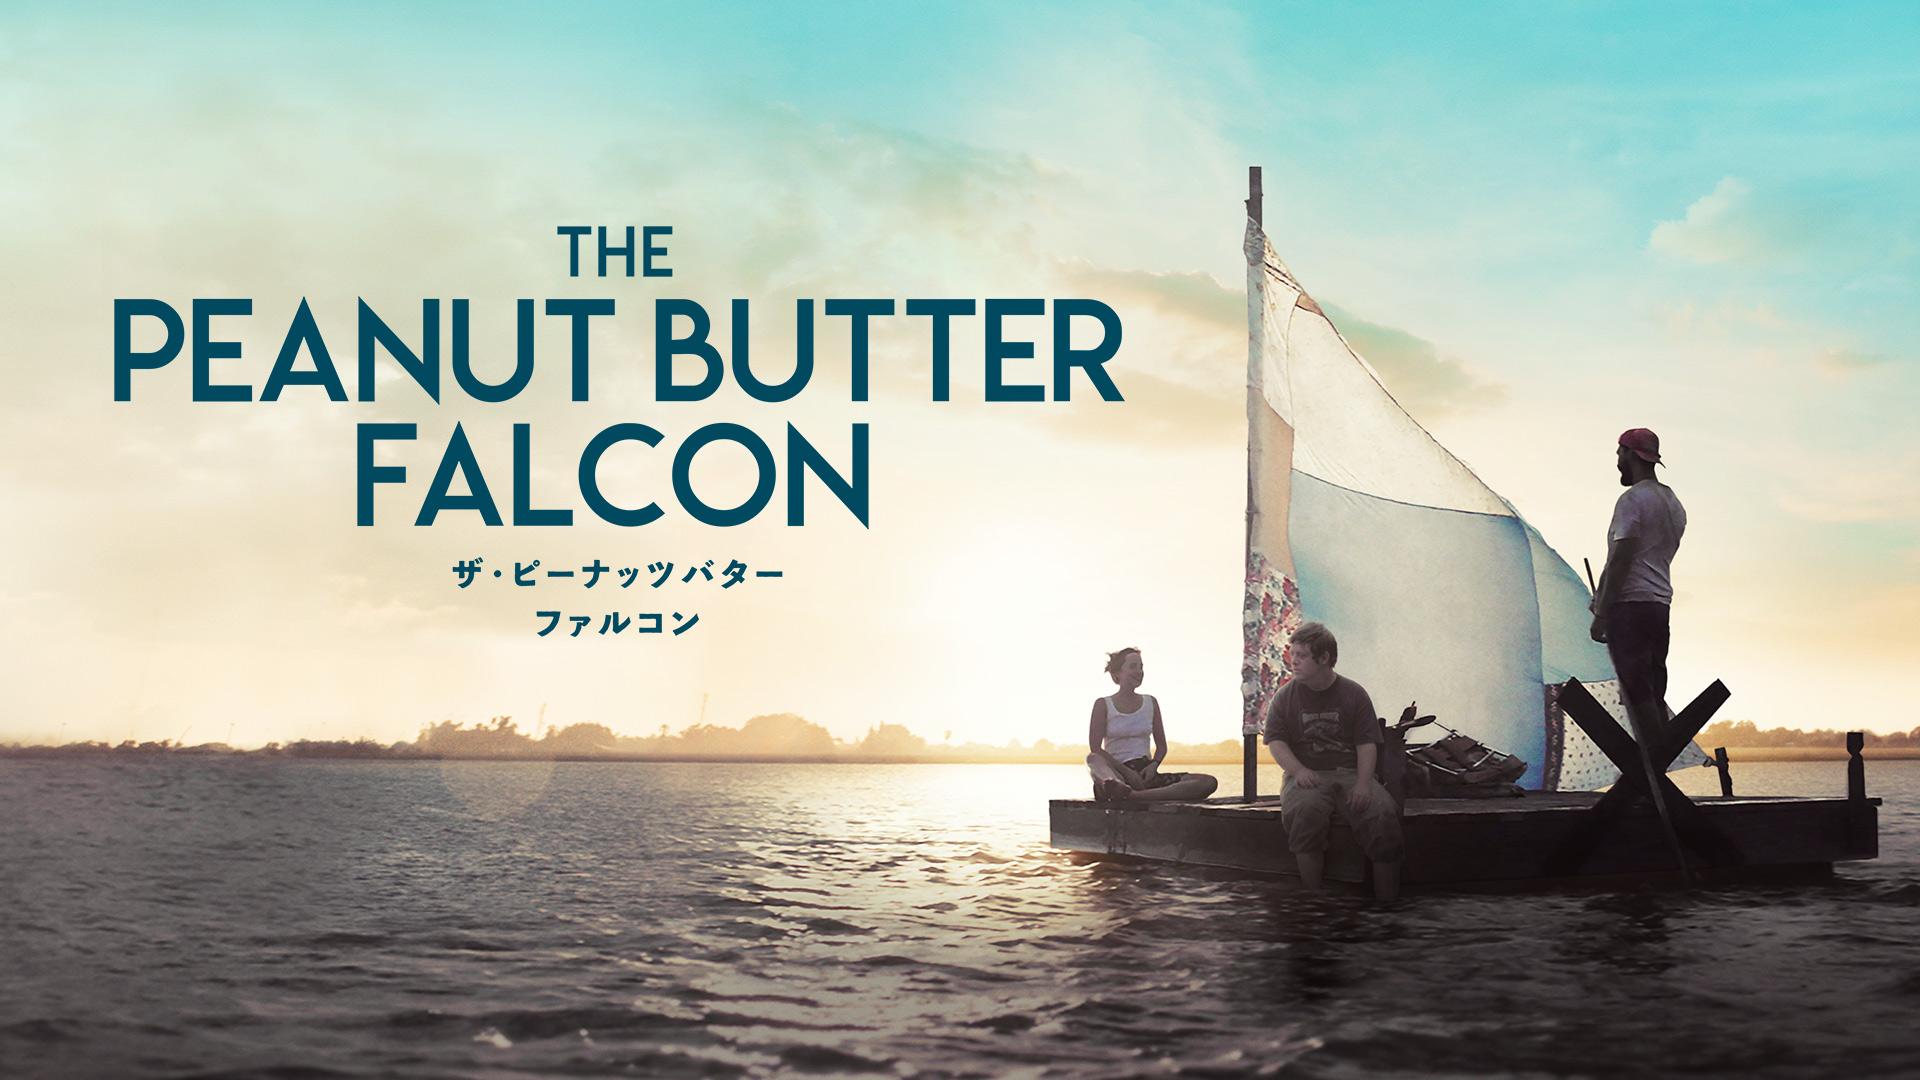 ザ・ピーナッツバター・ファルコン(字幕版)